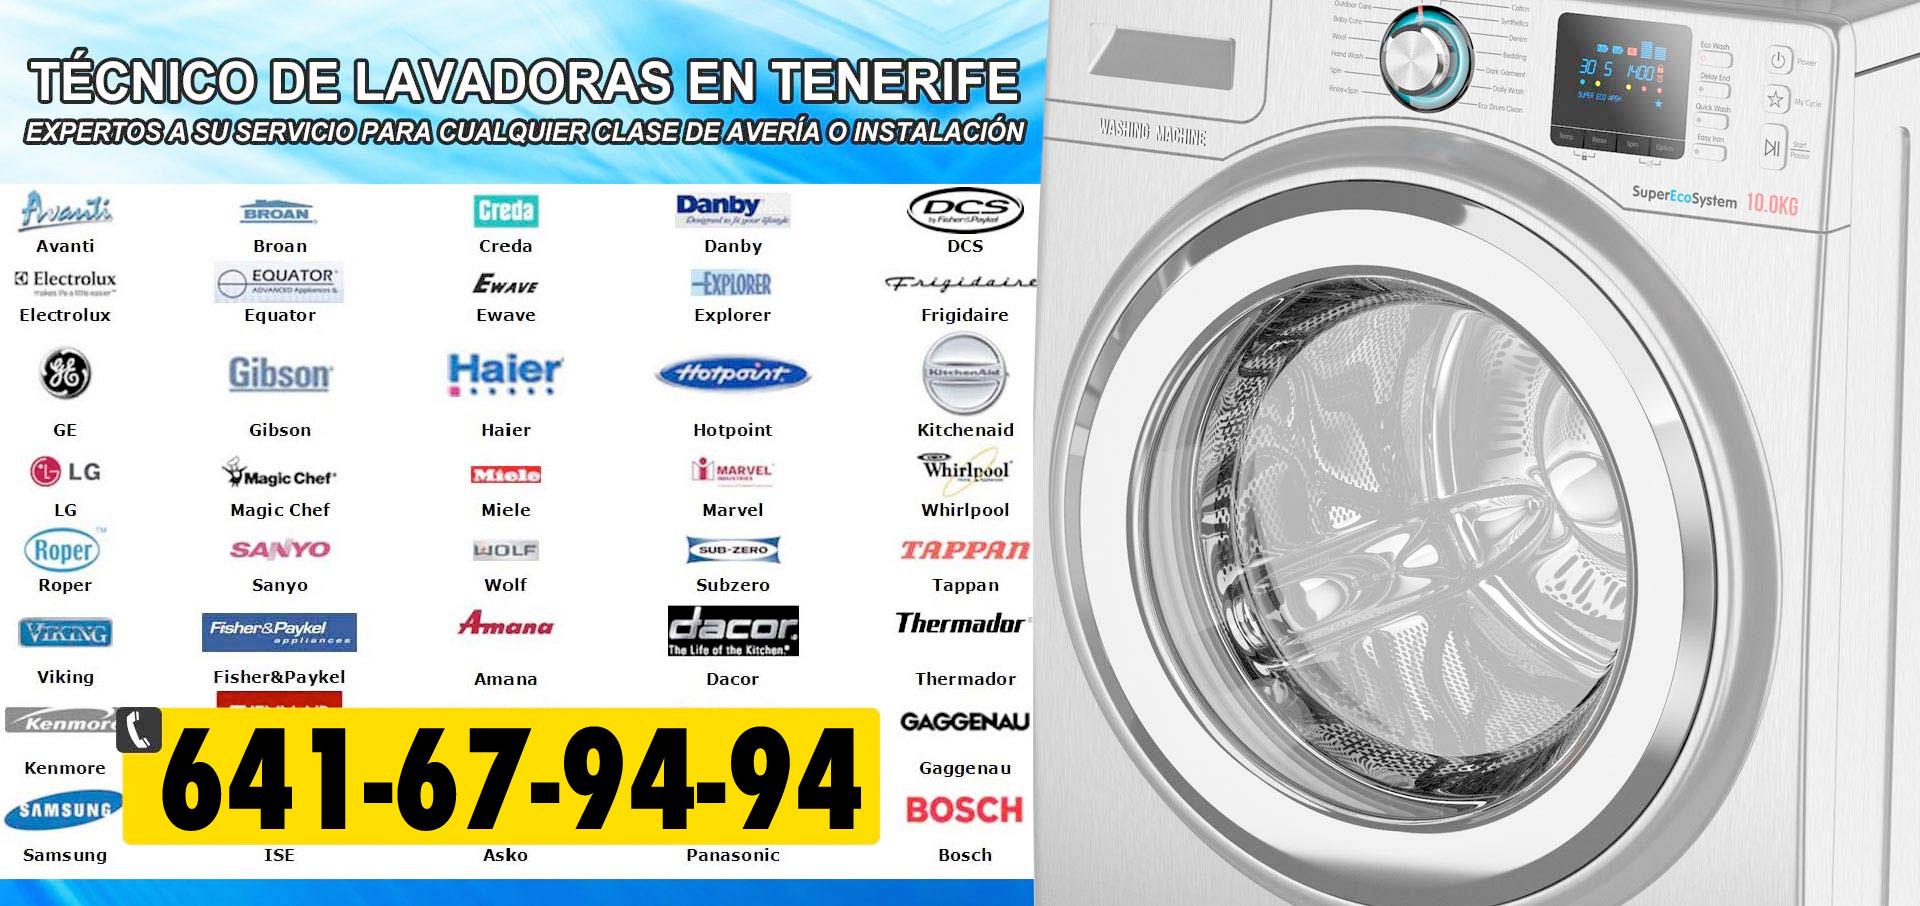 t cnico de lavadoras en tenerife hoy 922 522 122 ForTecnico De Lavadoras Tenerife